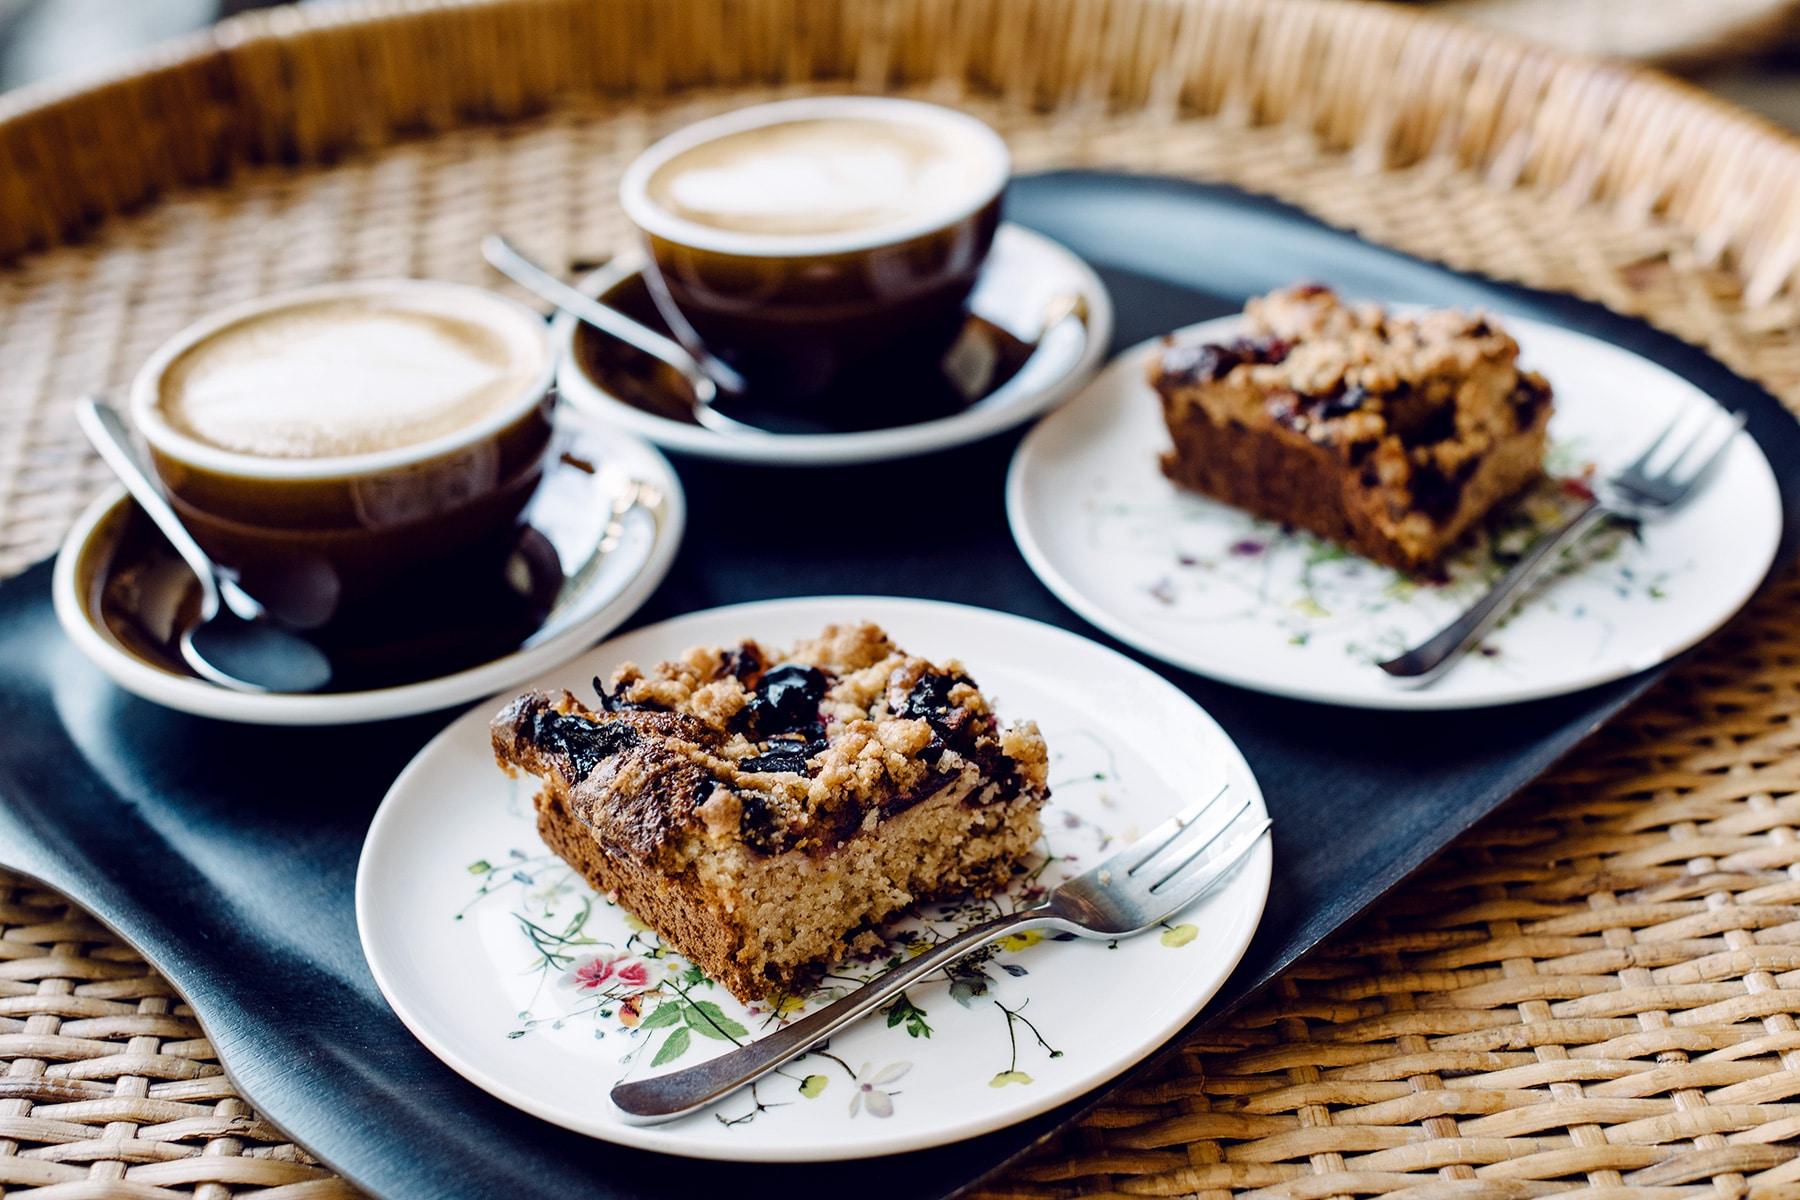 Gâteau végétalien et cappuccino au bistro Farel à Bienne